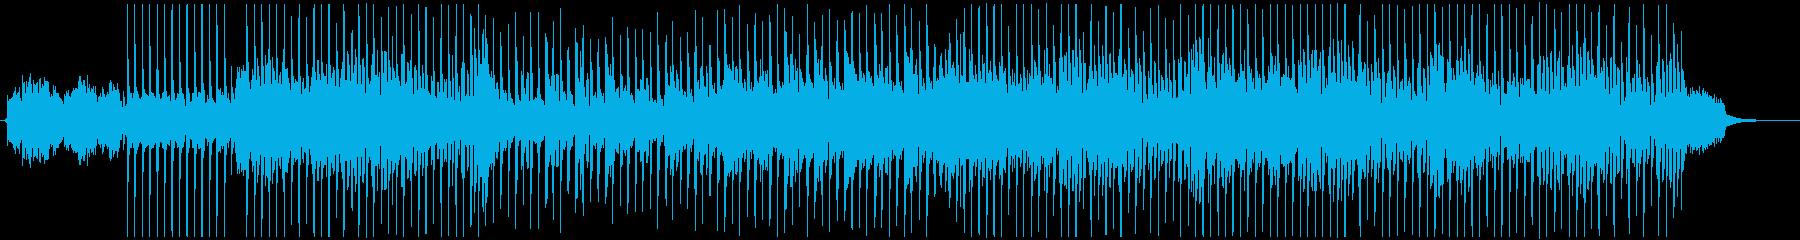 アコースティック・ポジティブ・お気楽の再生済みの波形